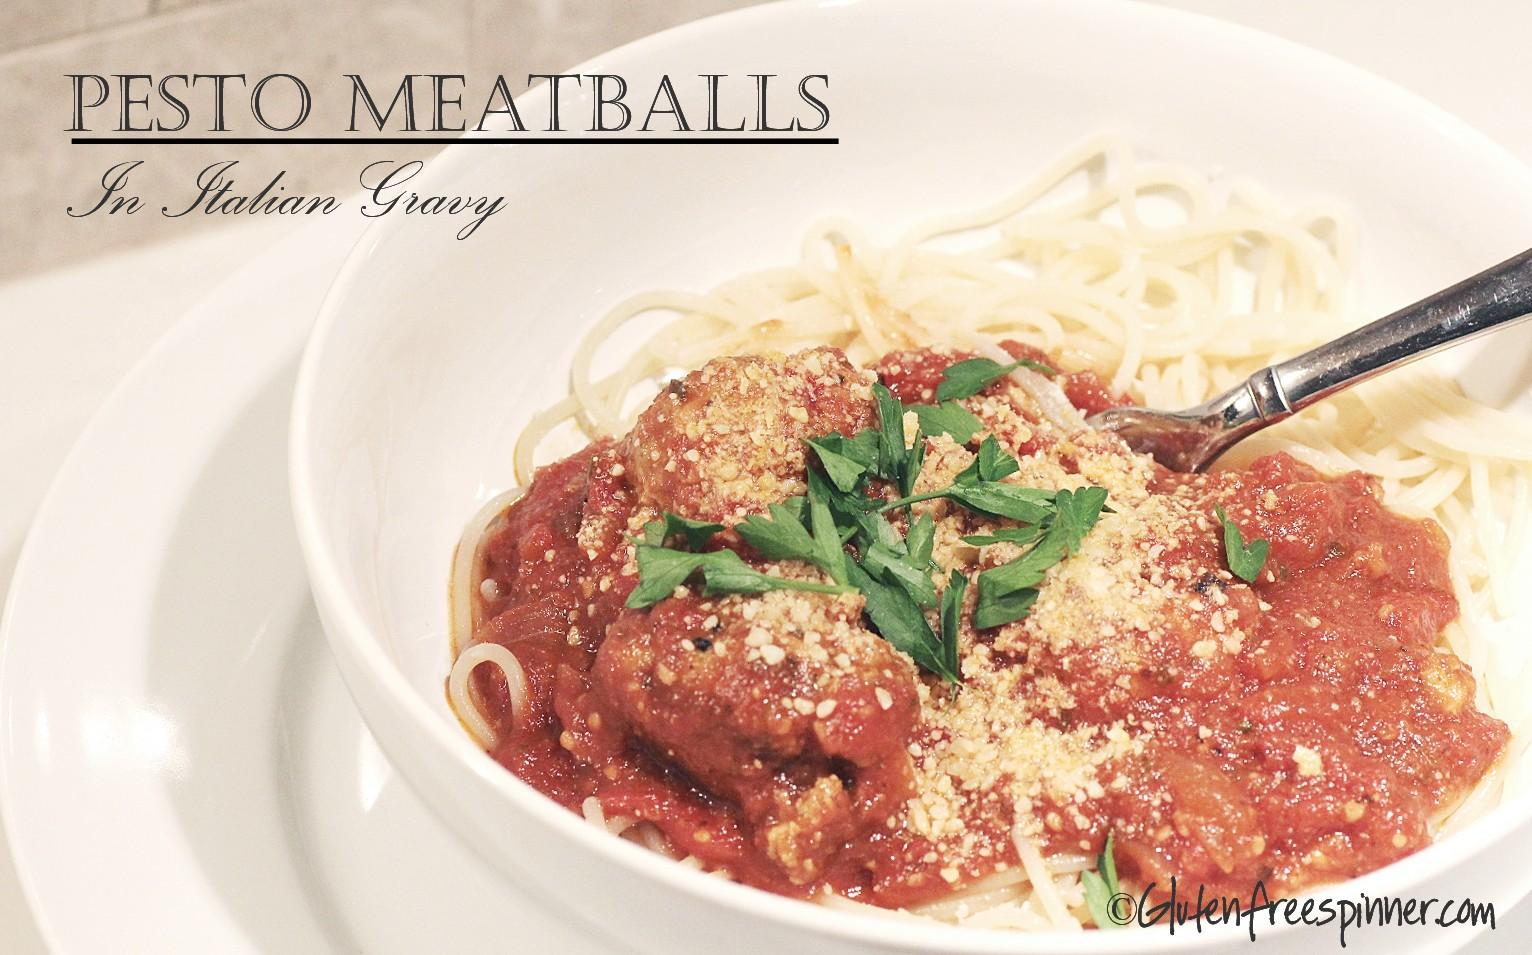 Pesto, meatballs, gluten free, Italian Gravy